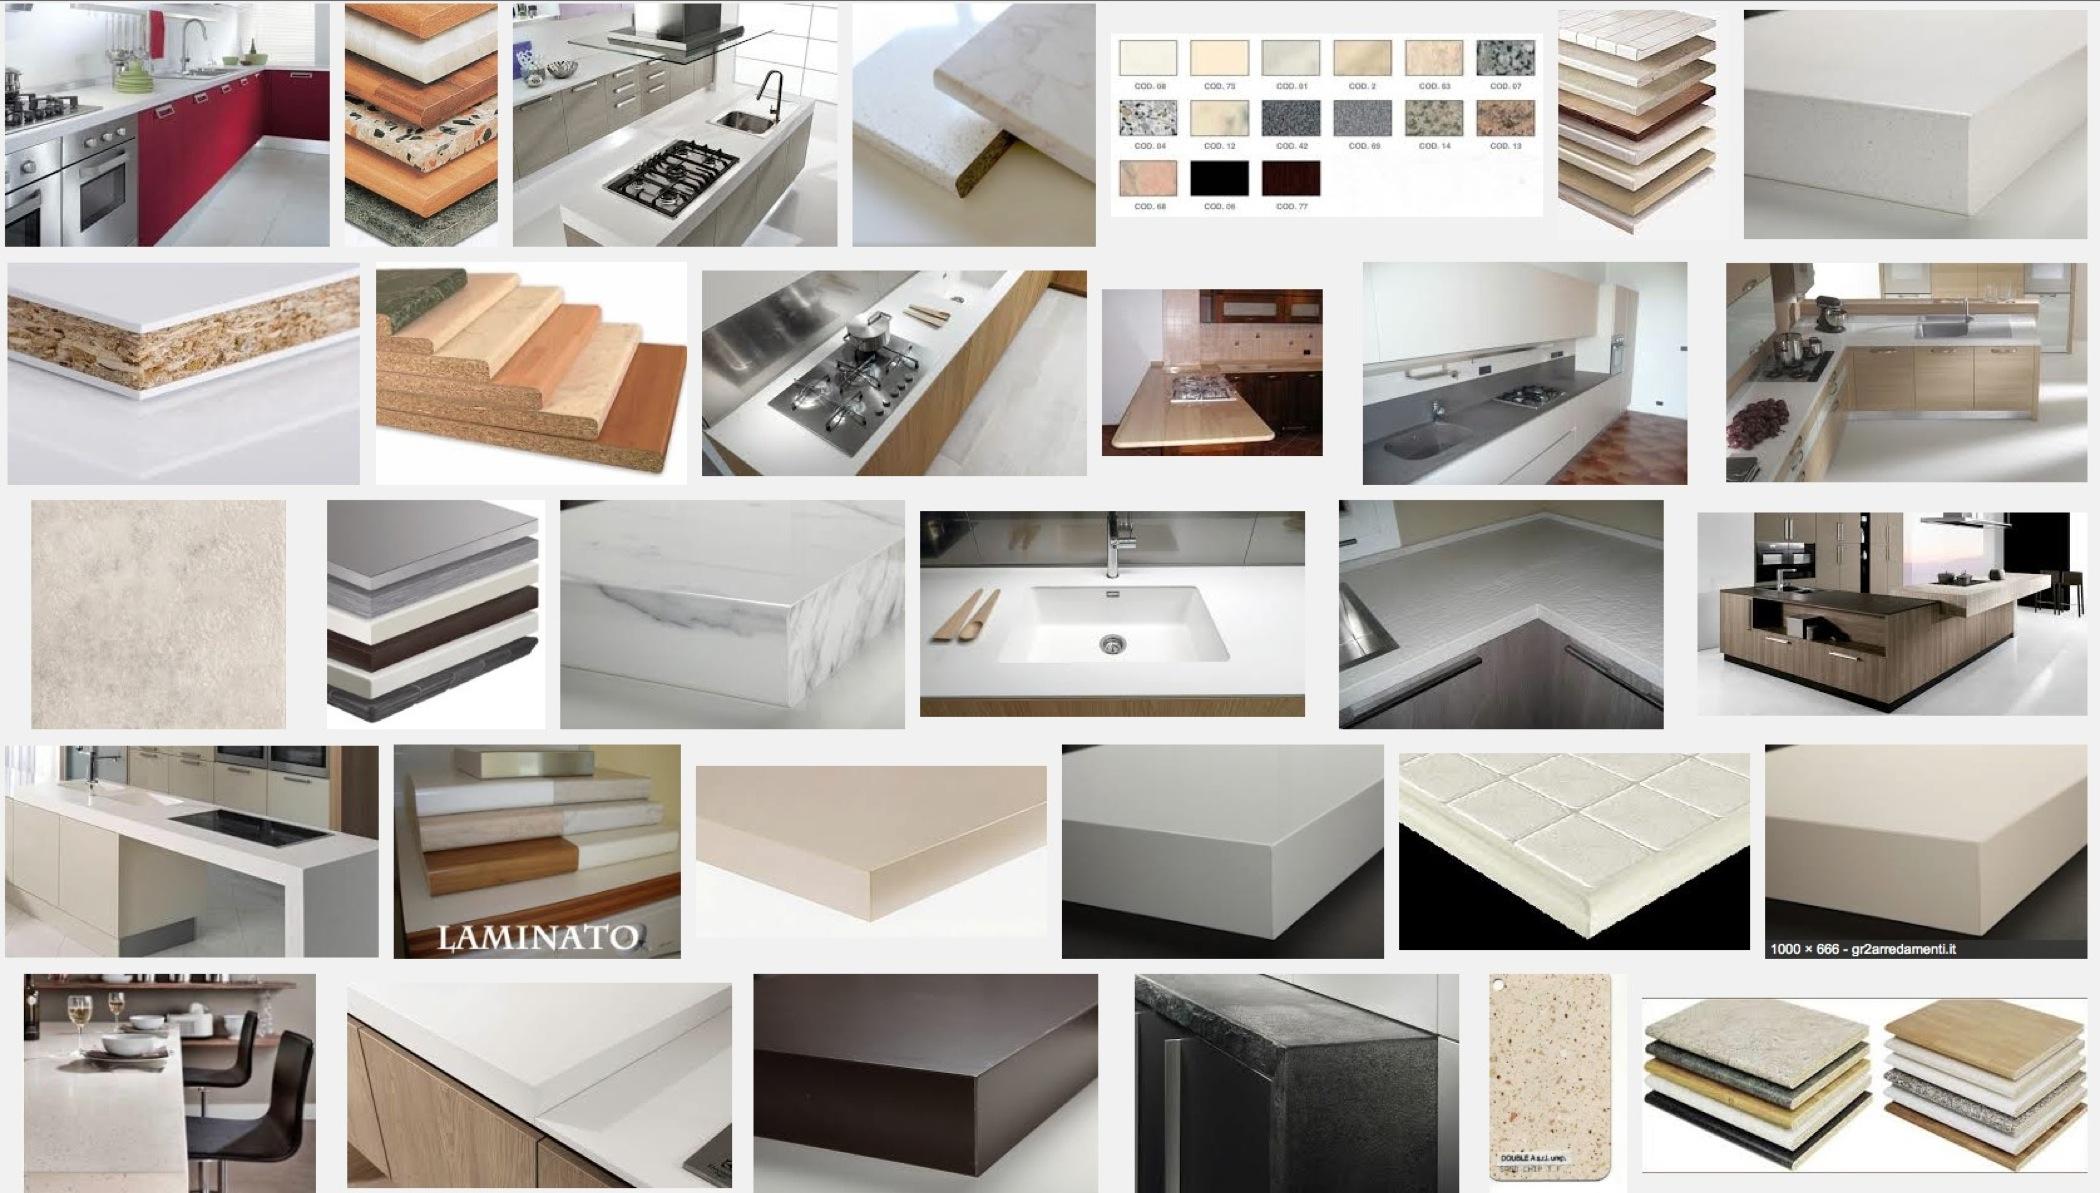 Piano TOP Per CUCINA Banco Lavoro Isola Penisola Tavolo SU MISURA Con  #945937 2100 1193 Piano Di Lavoro Cucina Brico